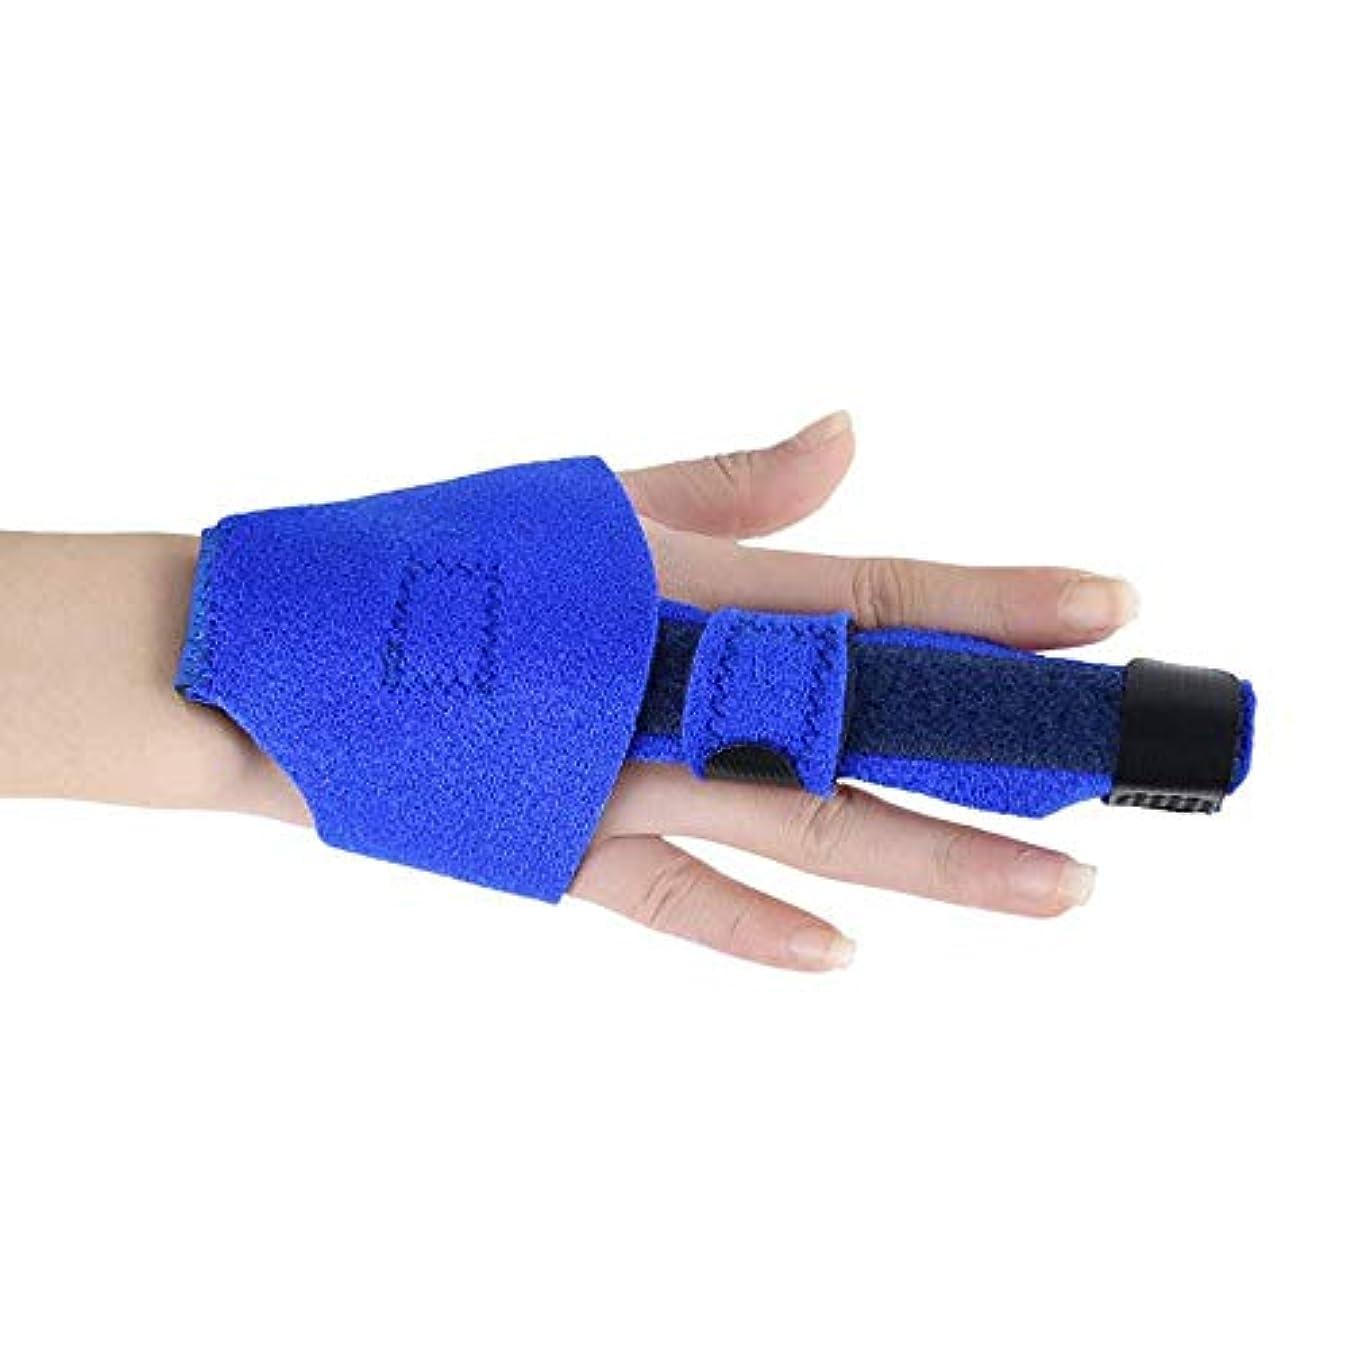 ラッシュ脱臼する完了指の怪我のサポート、指関節の添え木ナックル固定サポート骨折指の延長ストレートスリーブ